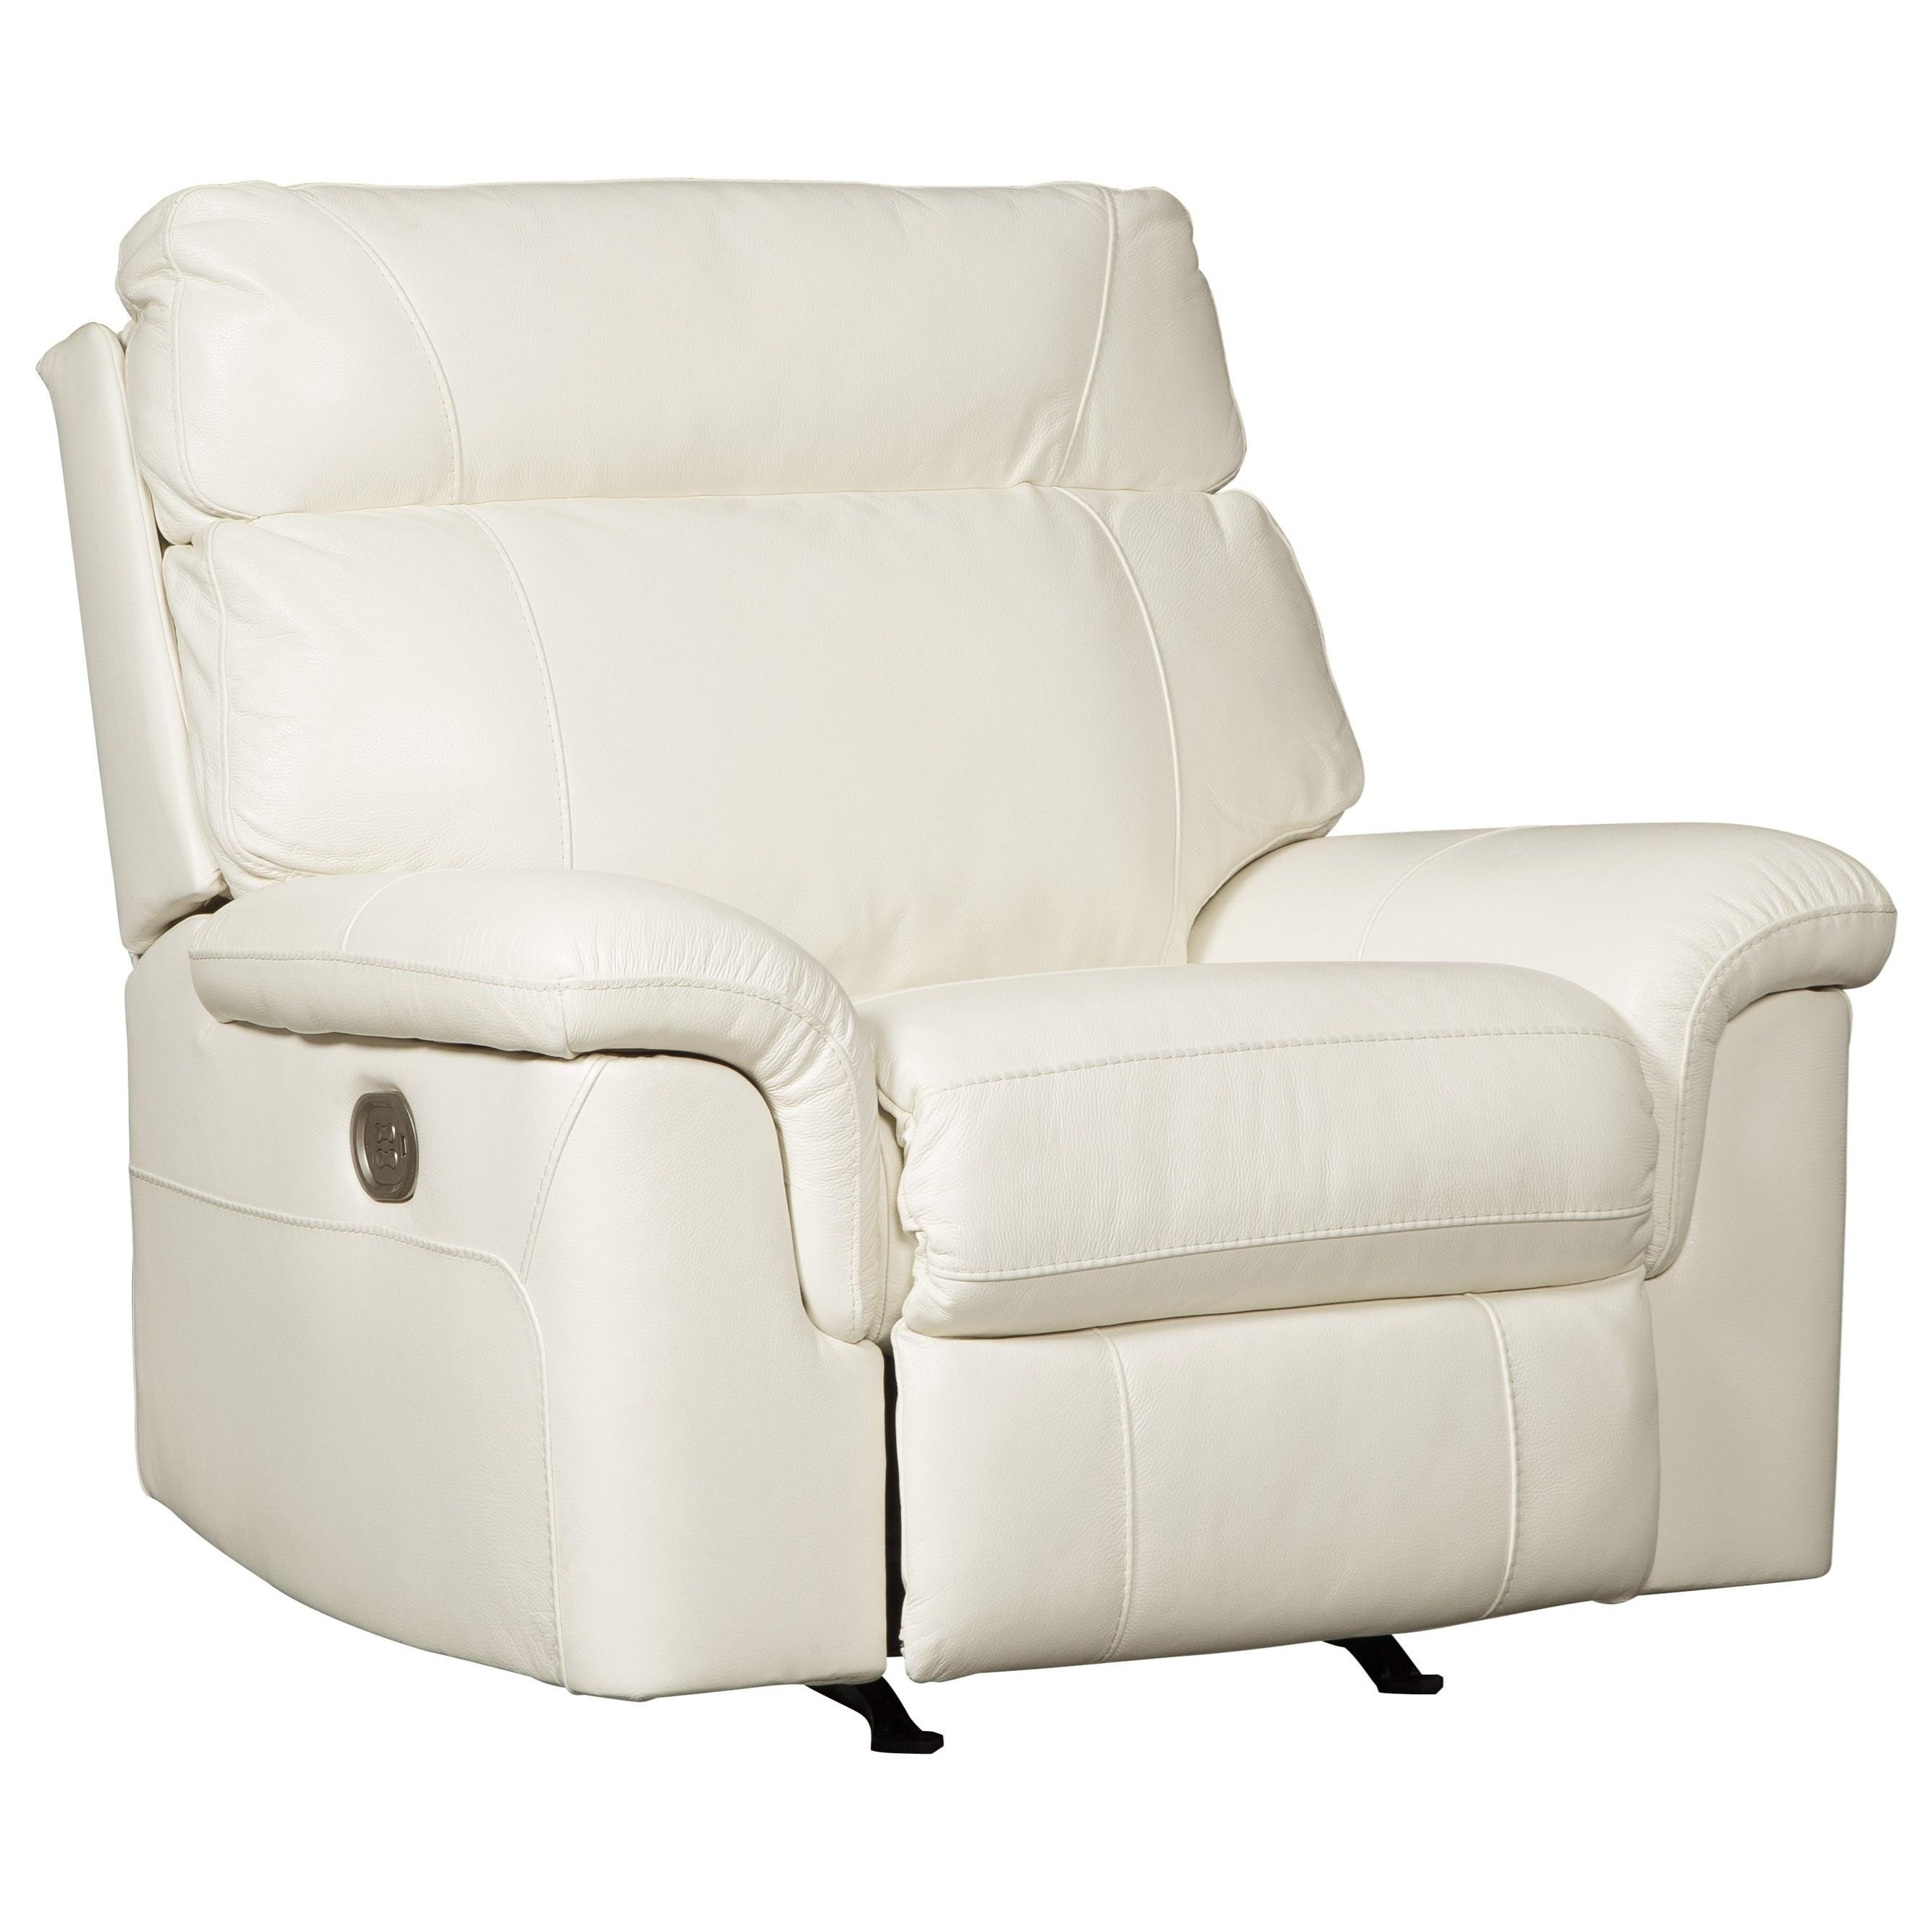 Millennium WhitevillePower Recliner W/ Adjustable Headrest ...